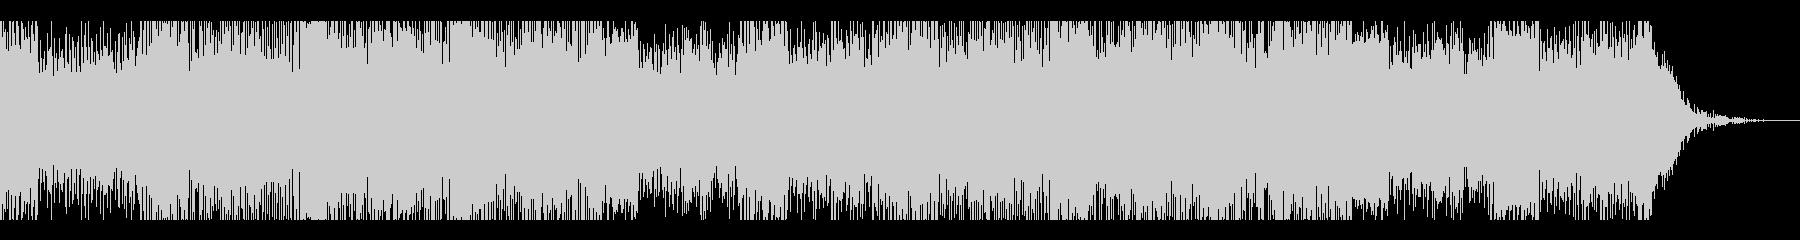 海外ゲーム風ダークSFエピックエレクトロの未再生の波形